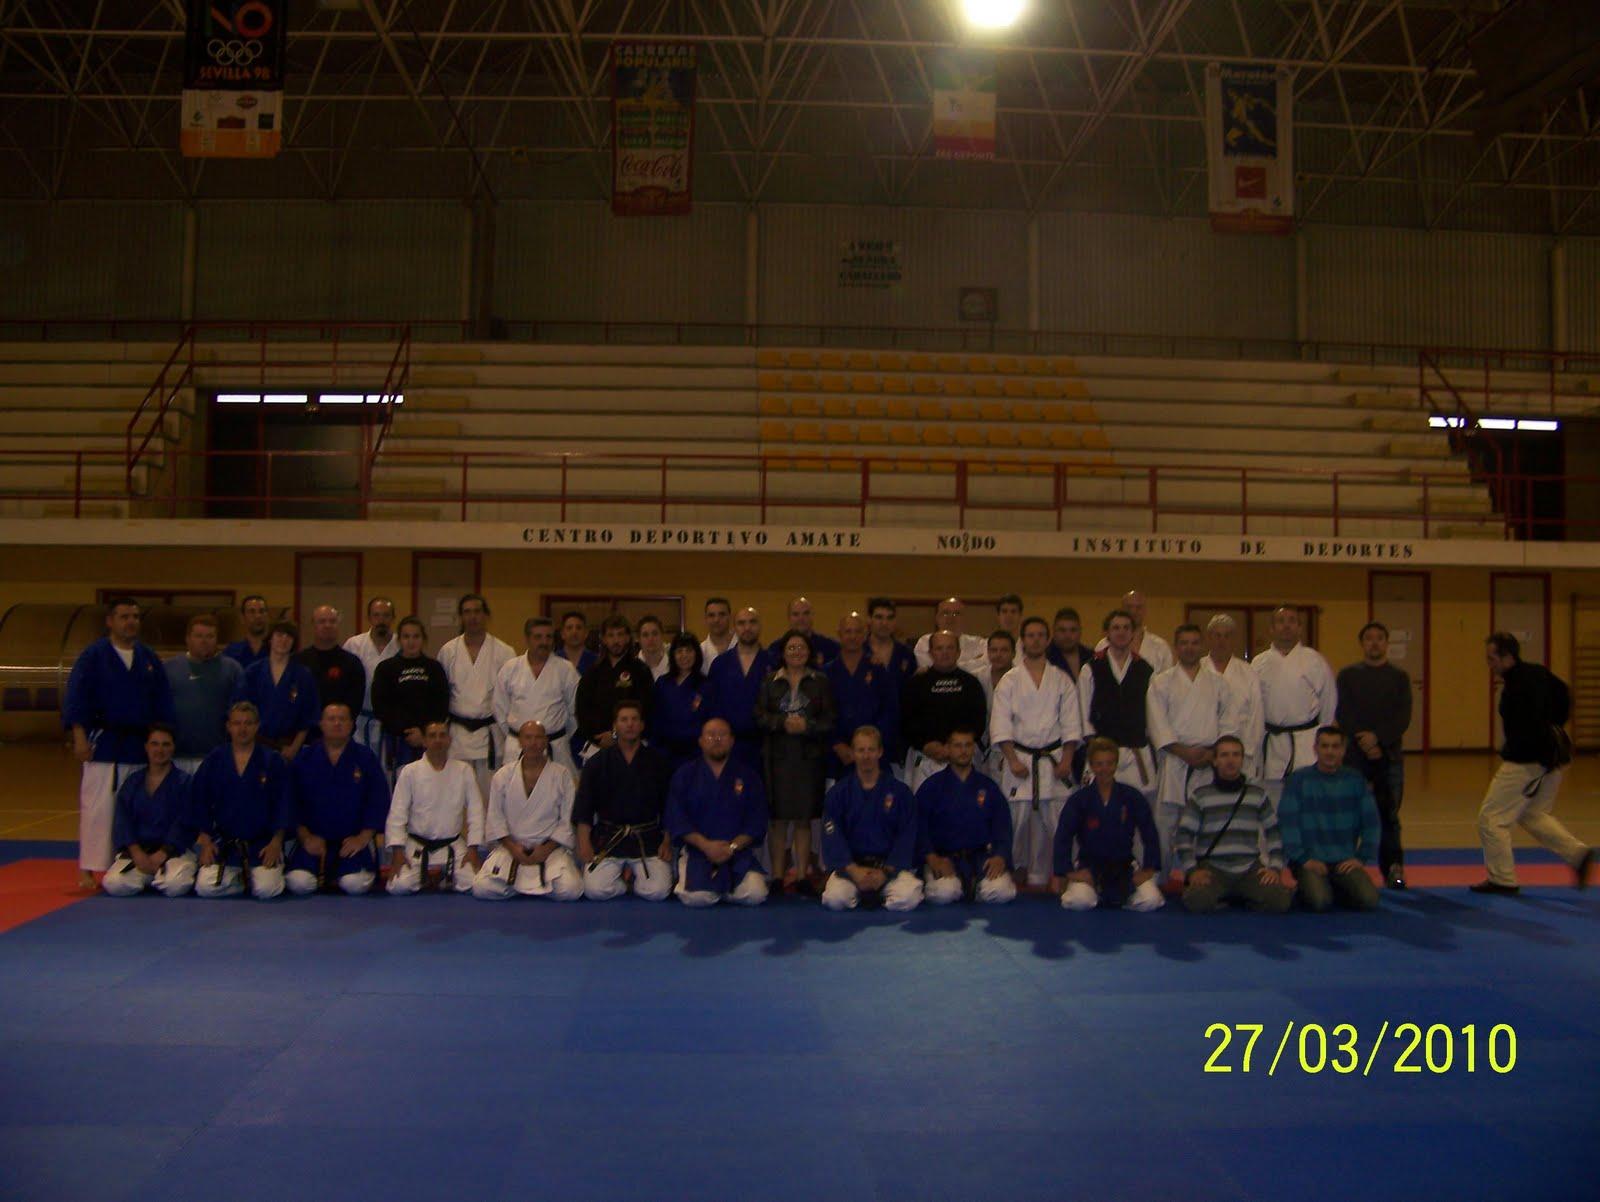 Artes marciales motril todos los asistentes al - Artes marciales sevilla ...